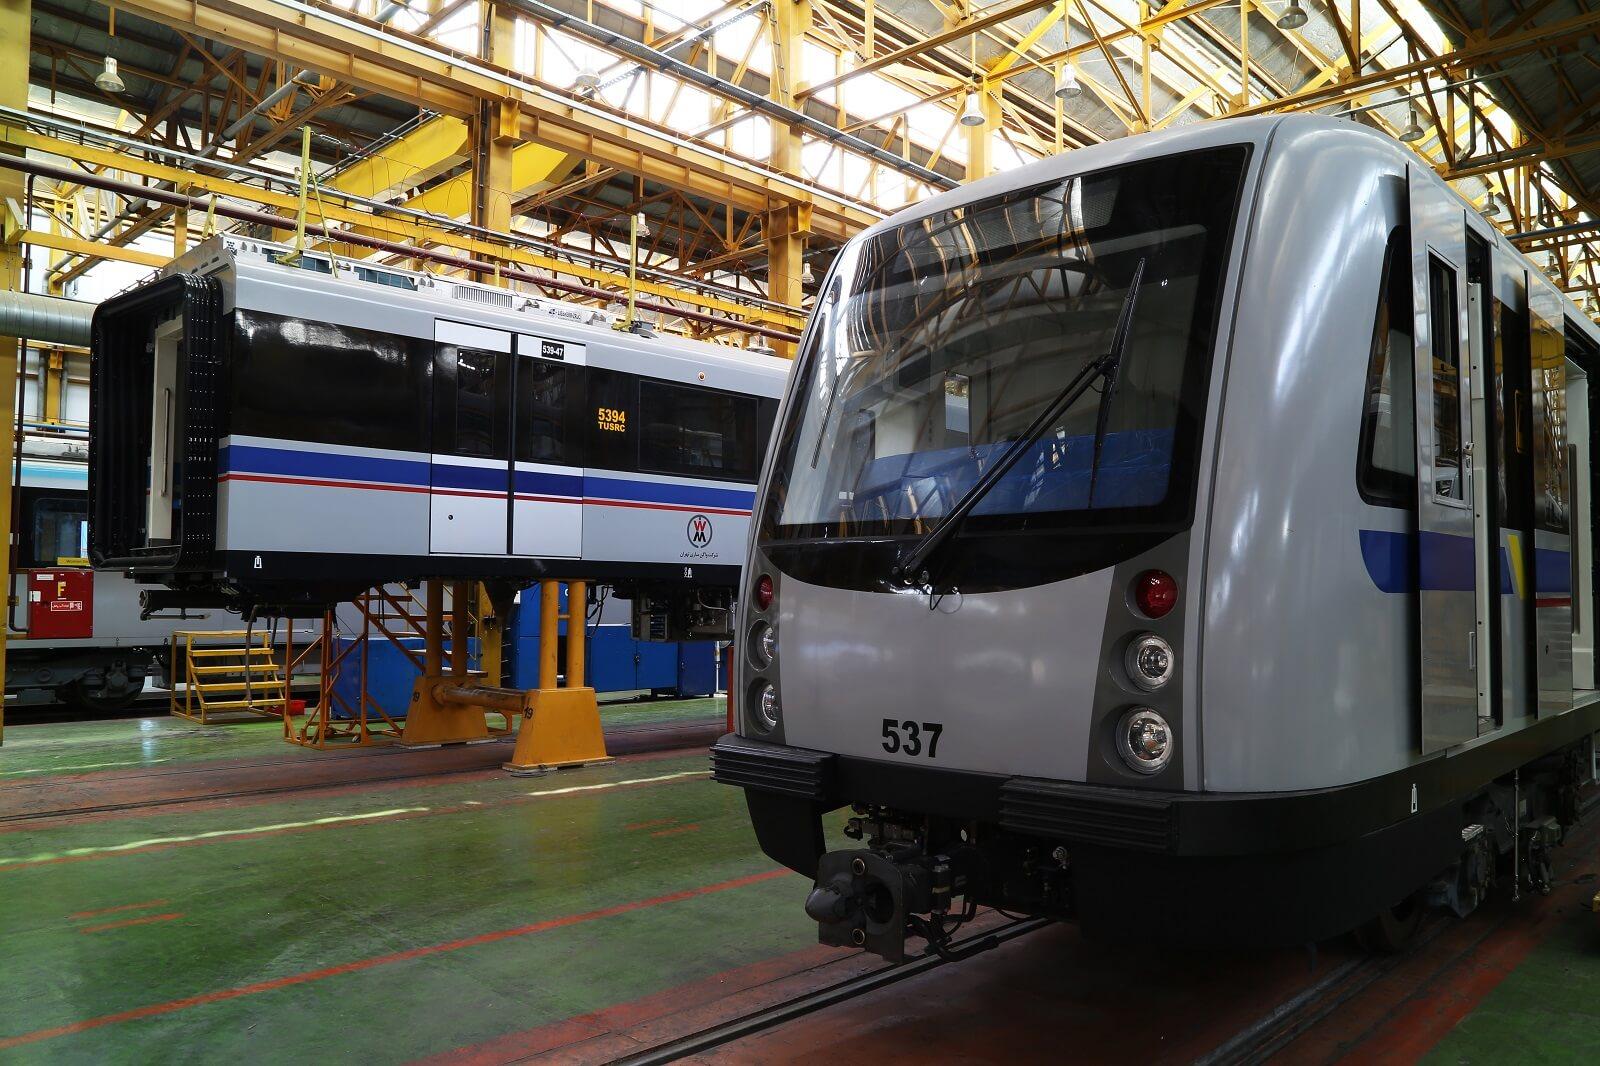 ساخت واگن مترو در بهرو